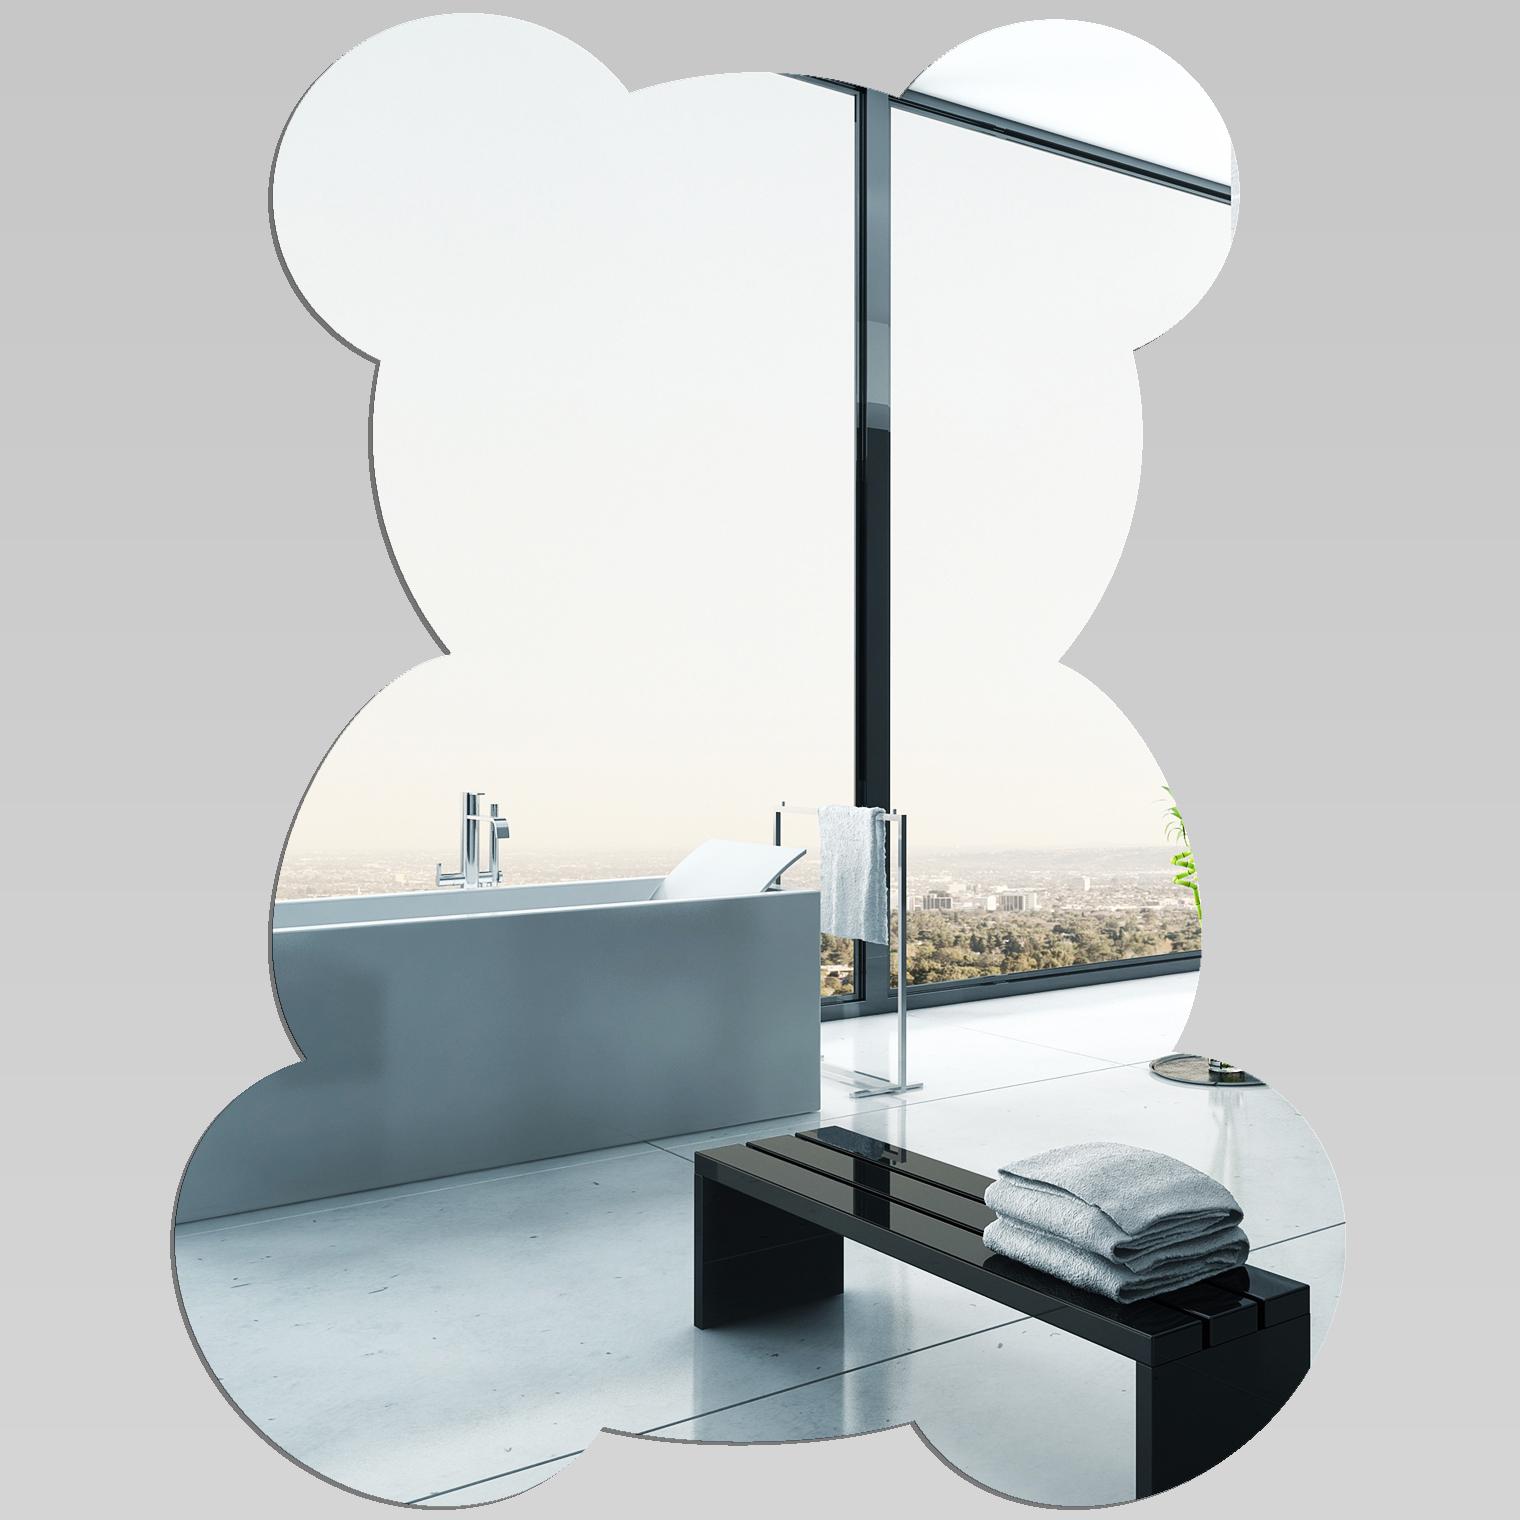 Specchi acrilici great nuovo arrivo fiamma di una candela tableshow testo specchio acrilico - Specchio onda ikea ...